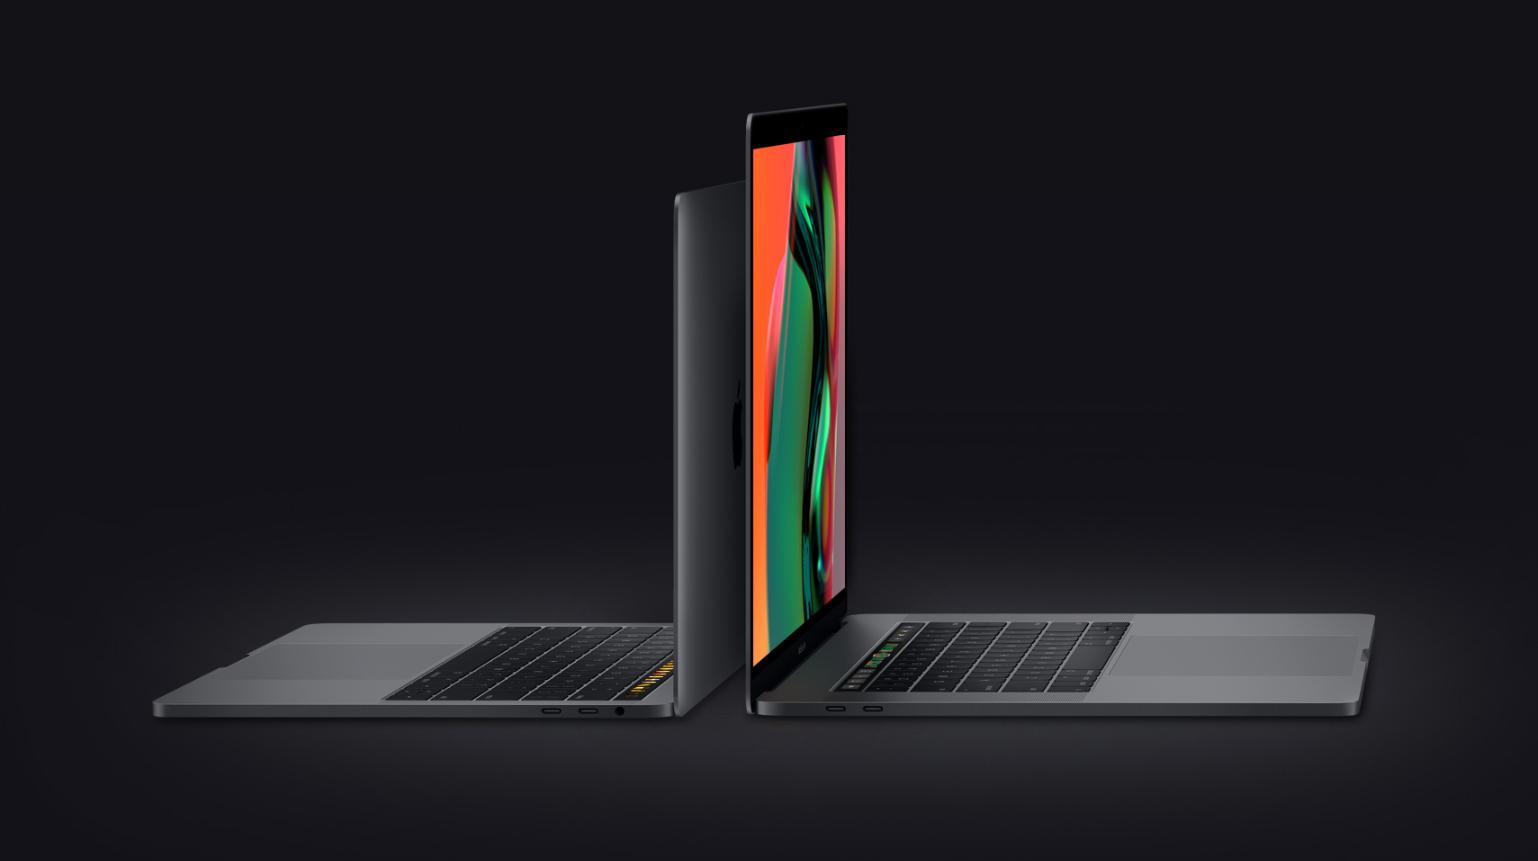 Mac Cihazların Sevilmesini Sağlayan Nedenler